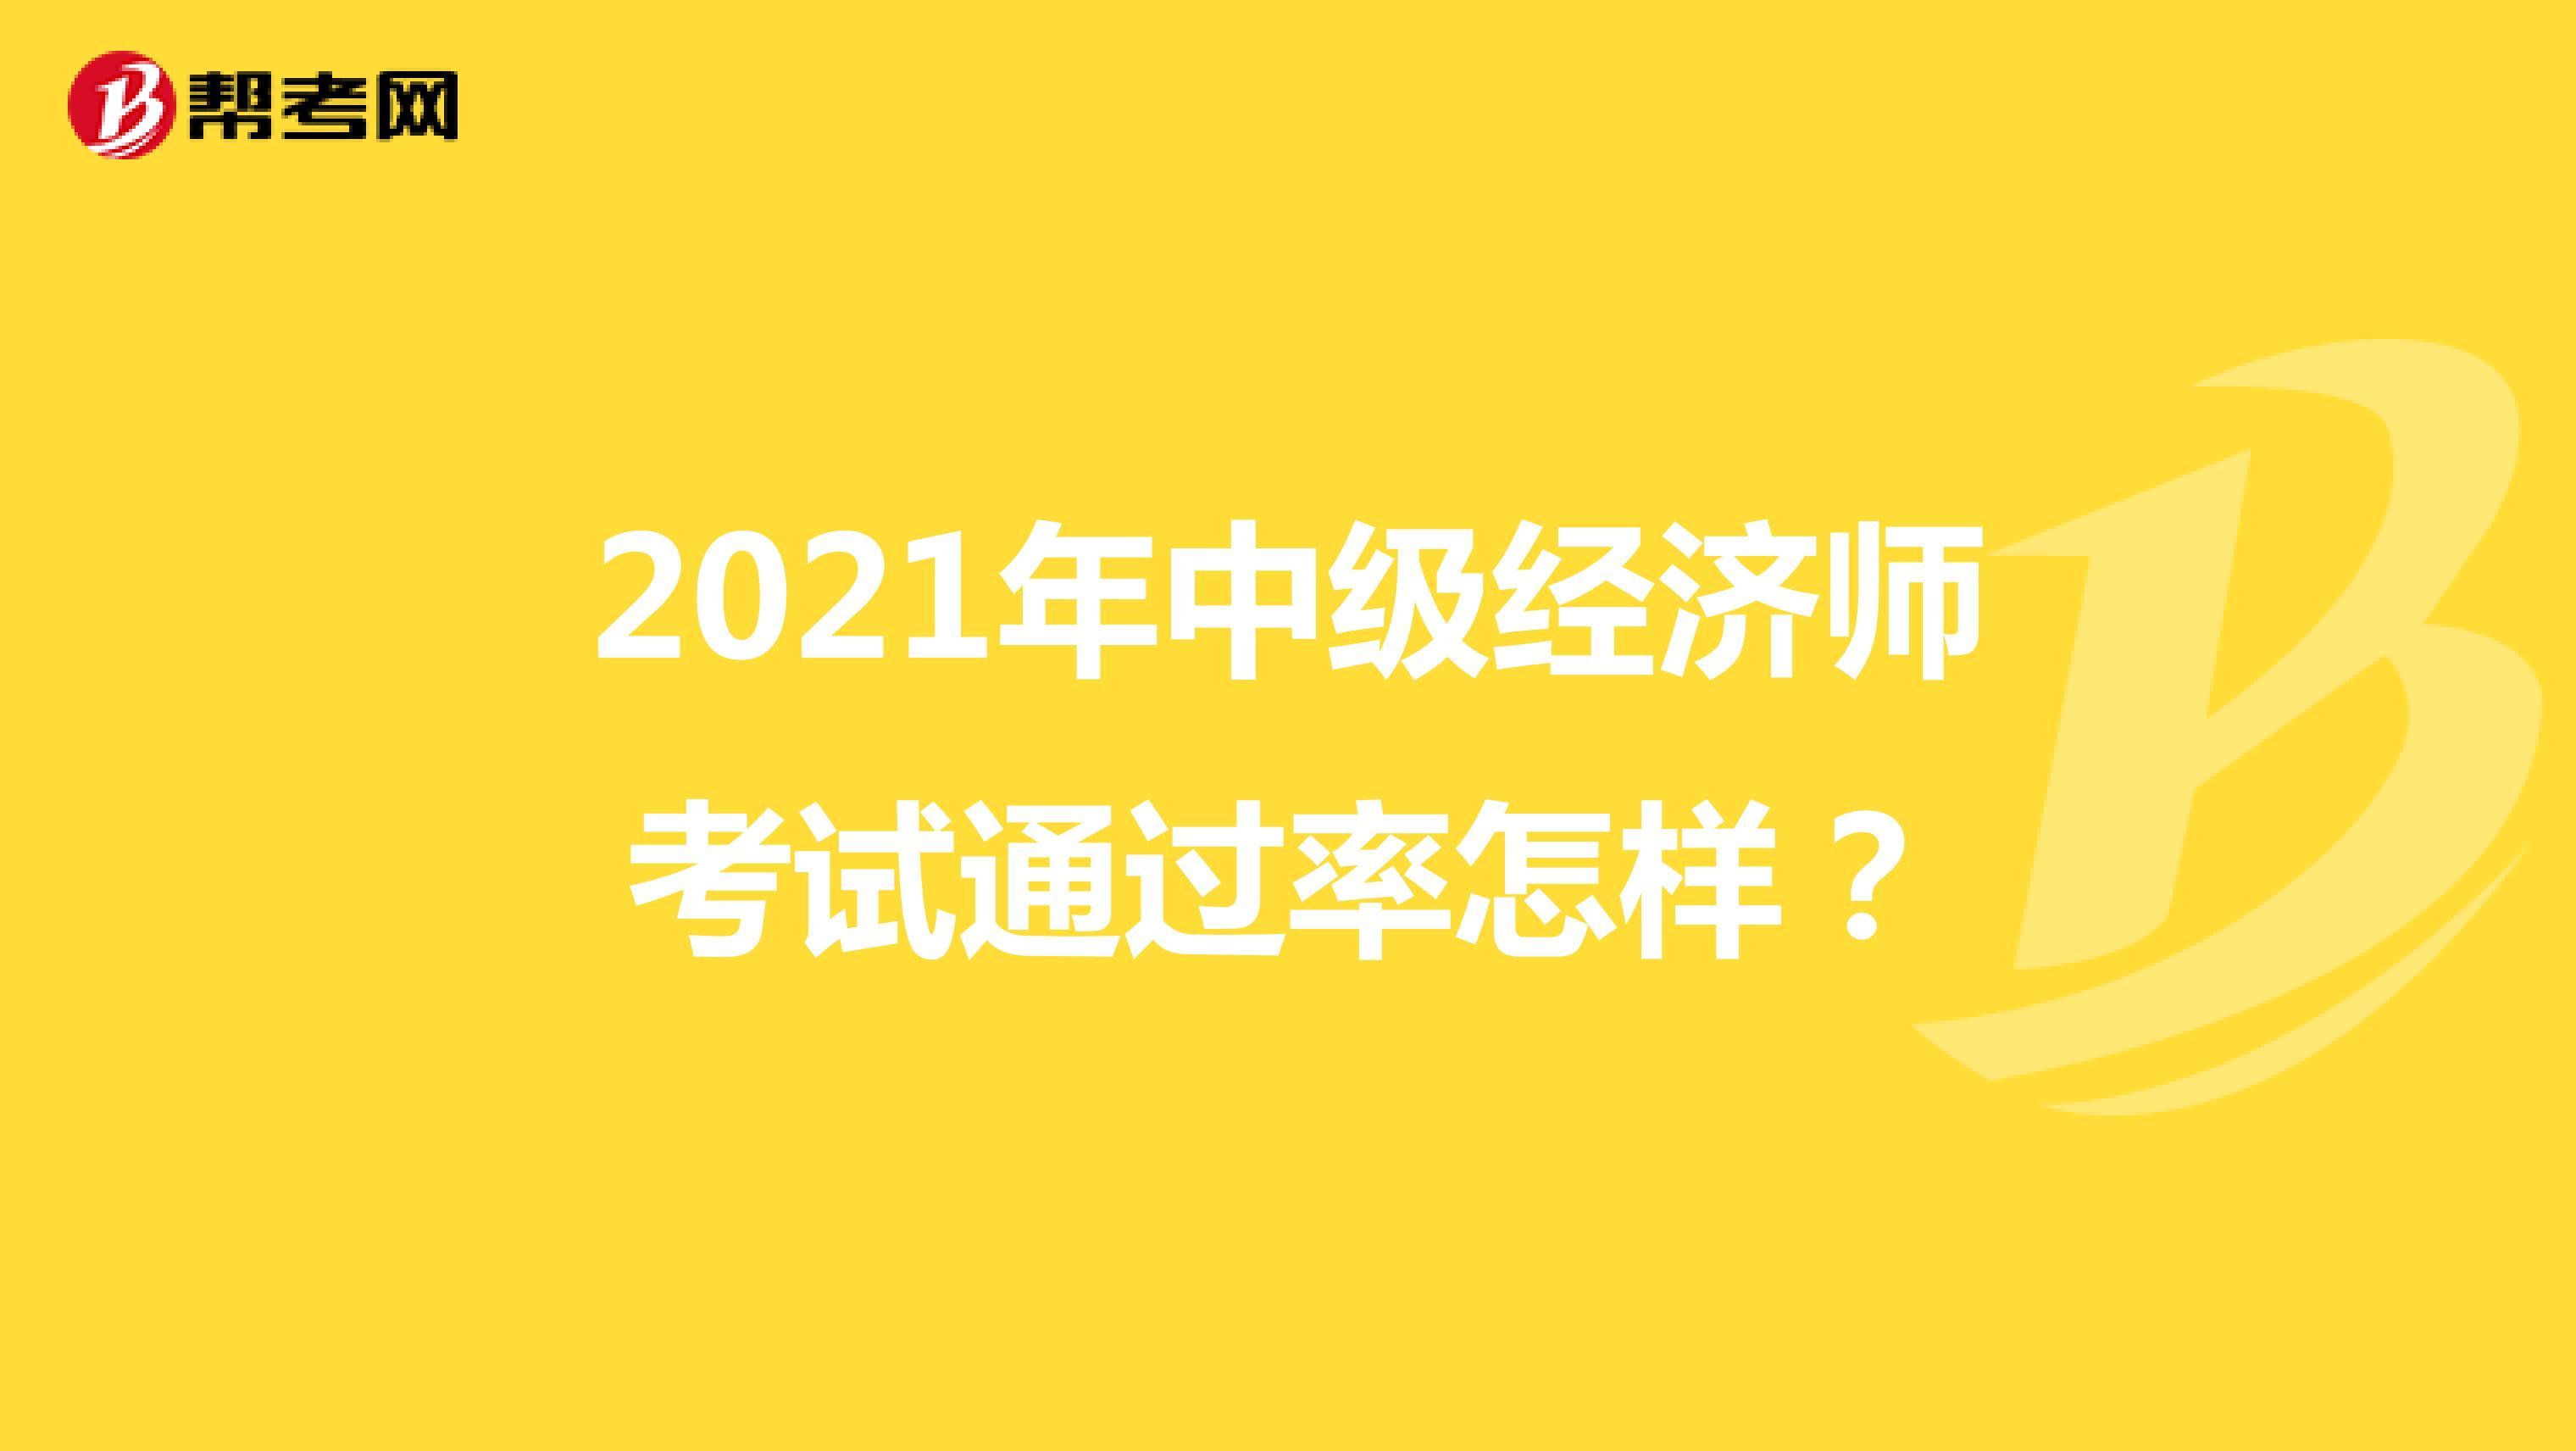 2021年中級經濟師考試通過率怎樣?